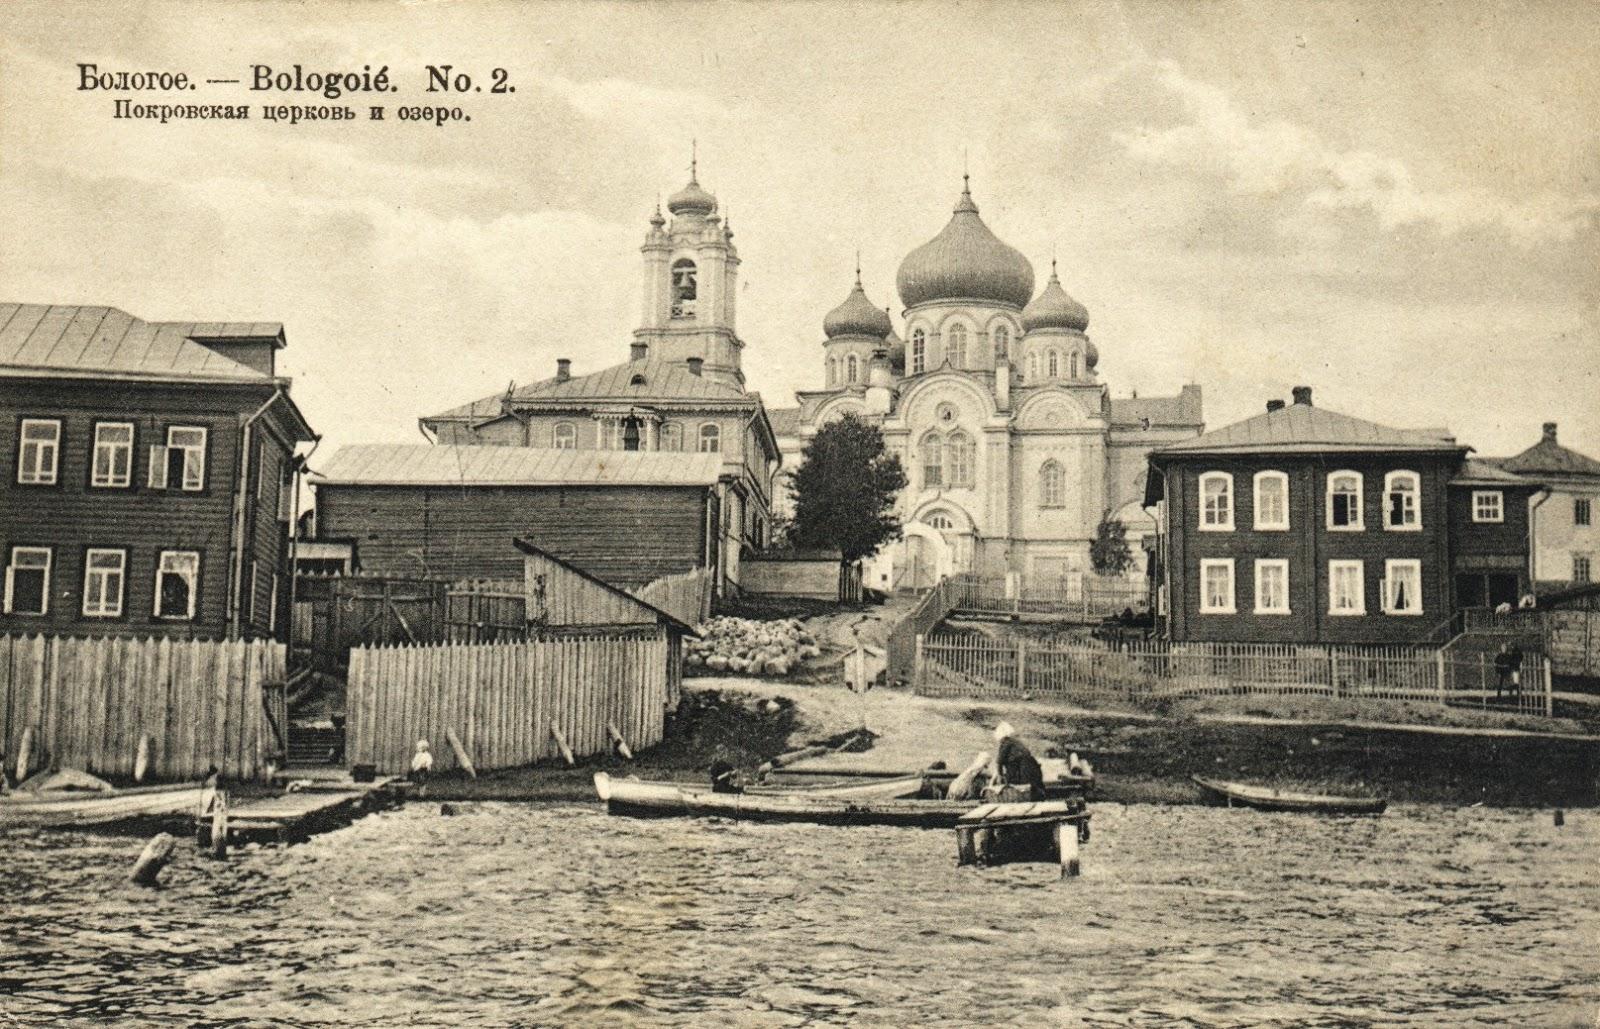 Покровская церковь и озеро